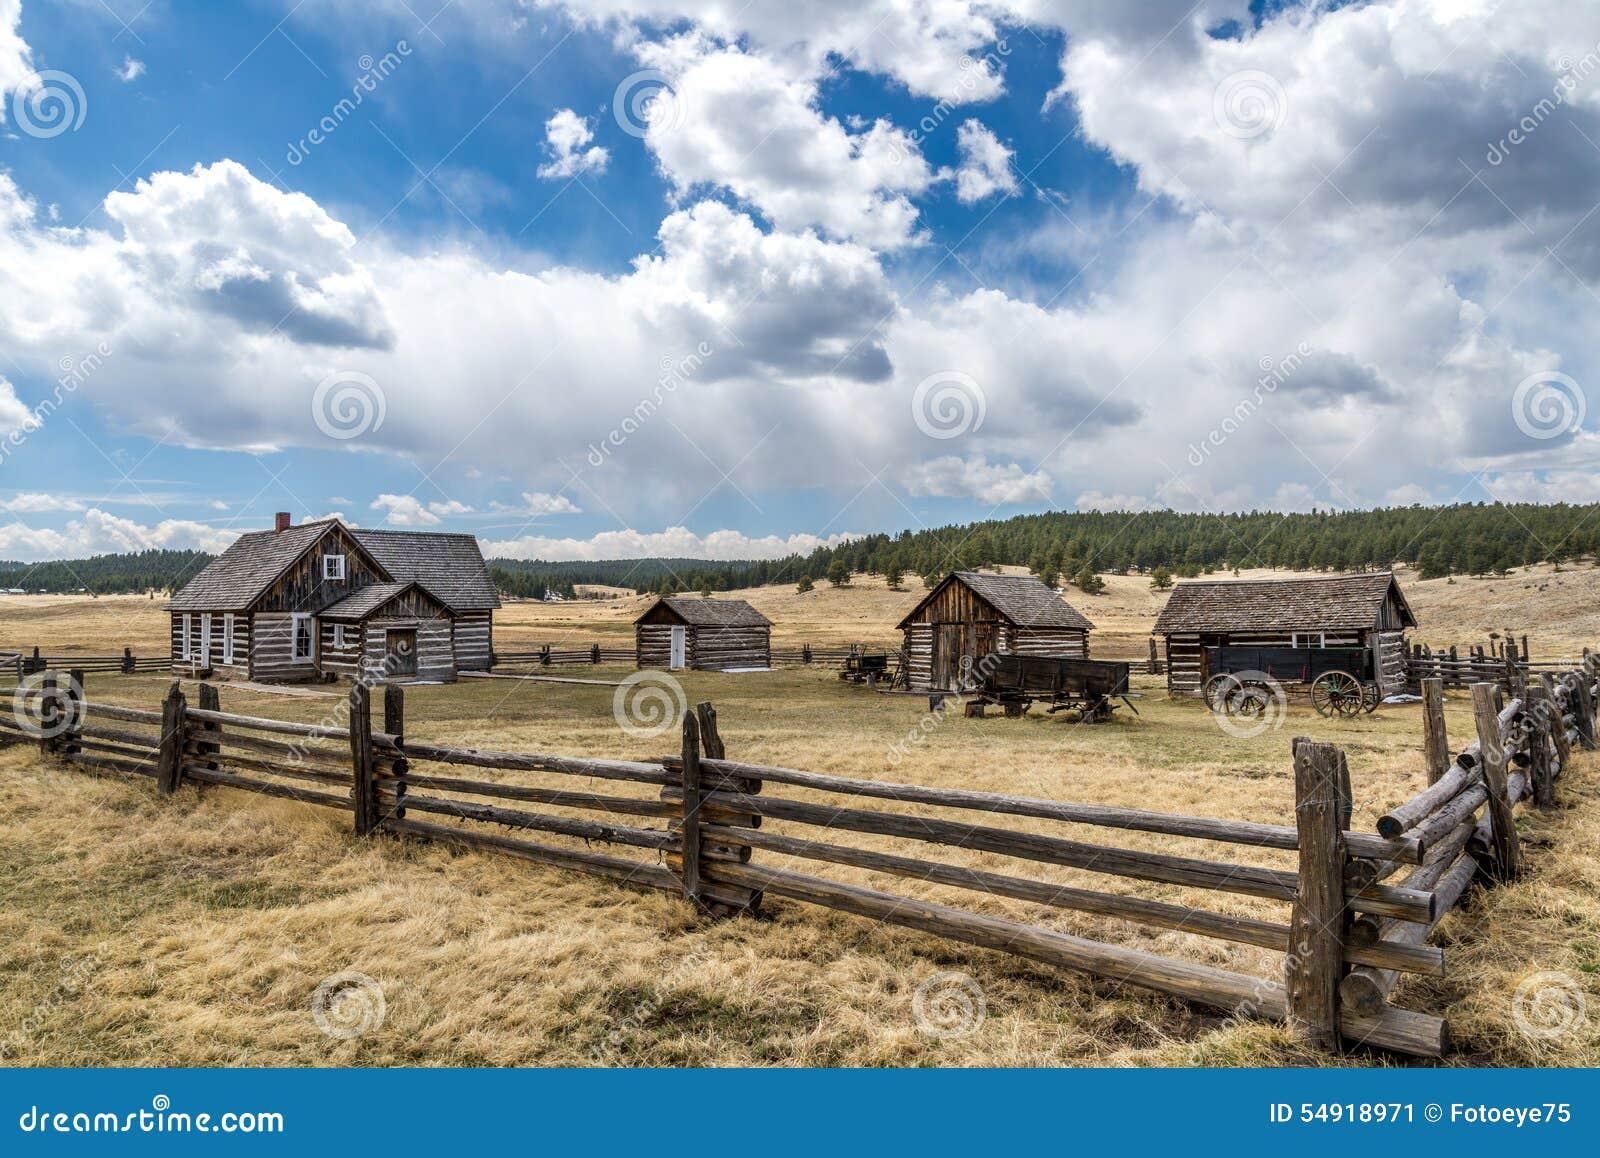 Historic Hornbeck Homestead Colorado Ranch Farm